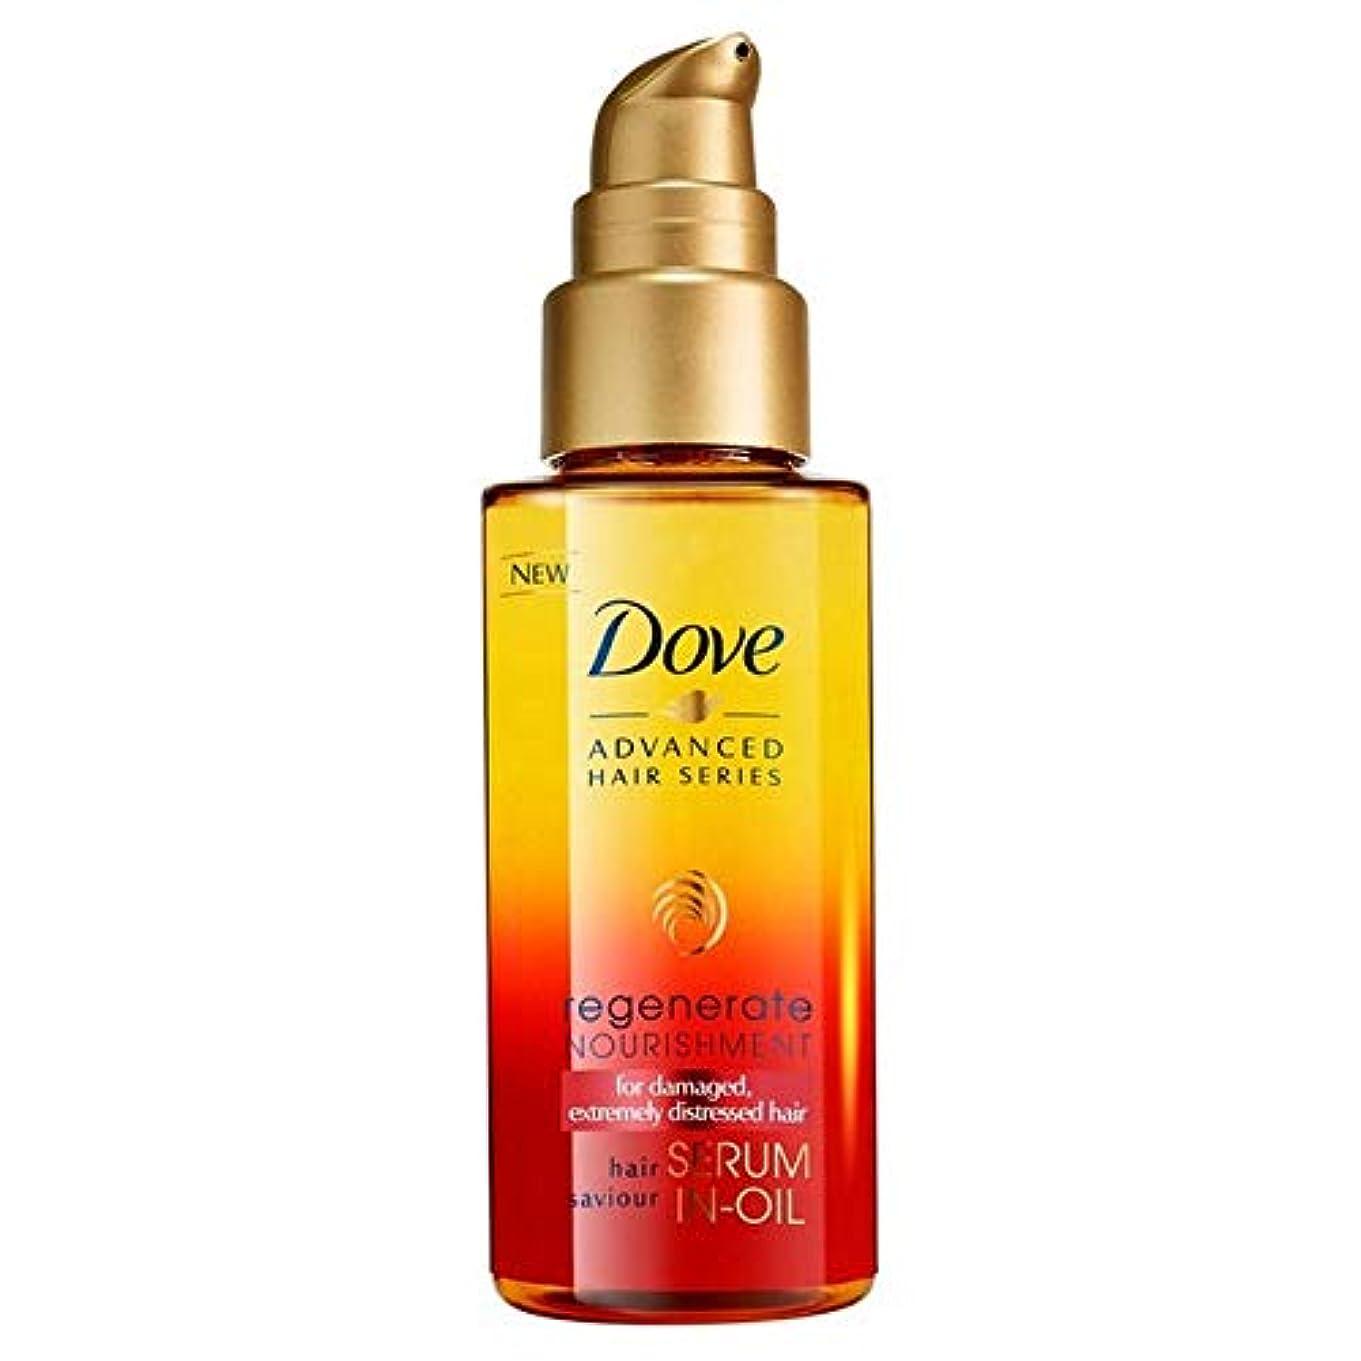 貫通雨の俳句[Dove ] 鳩高度な髪シリーズは栄養血清中の油中50ミリリットルを再生成します - Dove Advanced Hair Series Regenerate Nourishment Serum-in-Oil 50ml [並行輸入品]